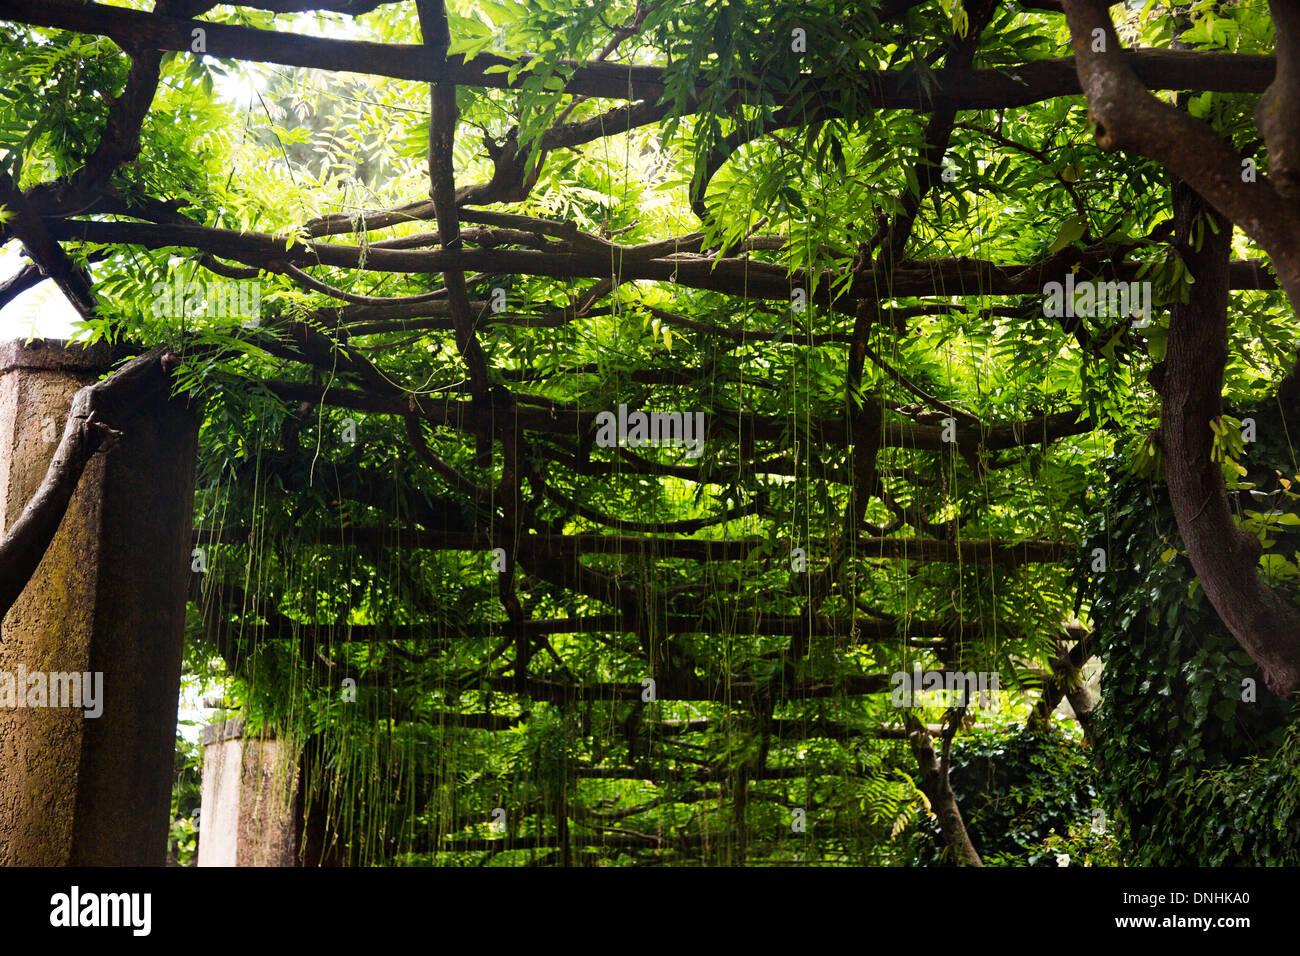 Baumkronen, Villa Cimbrone, Ravello, Provinz Salerno, Kampanien, Italien Stockfoto